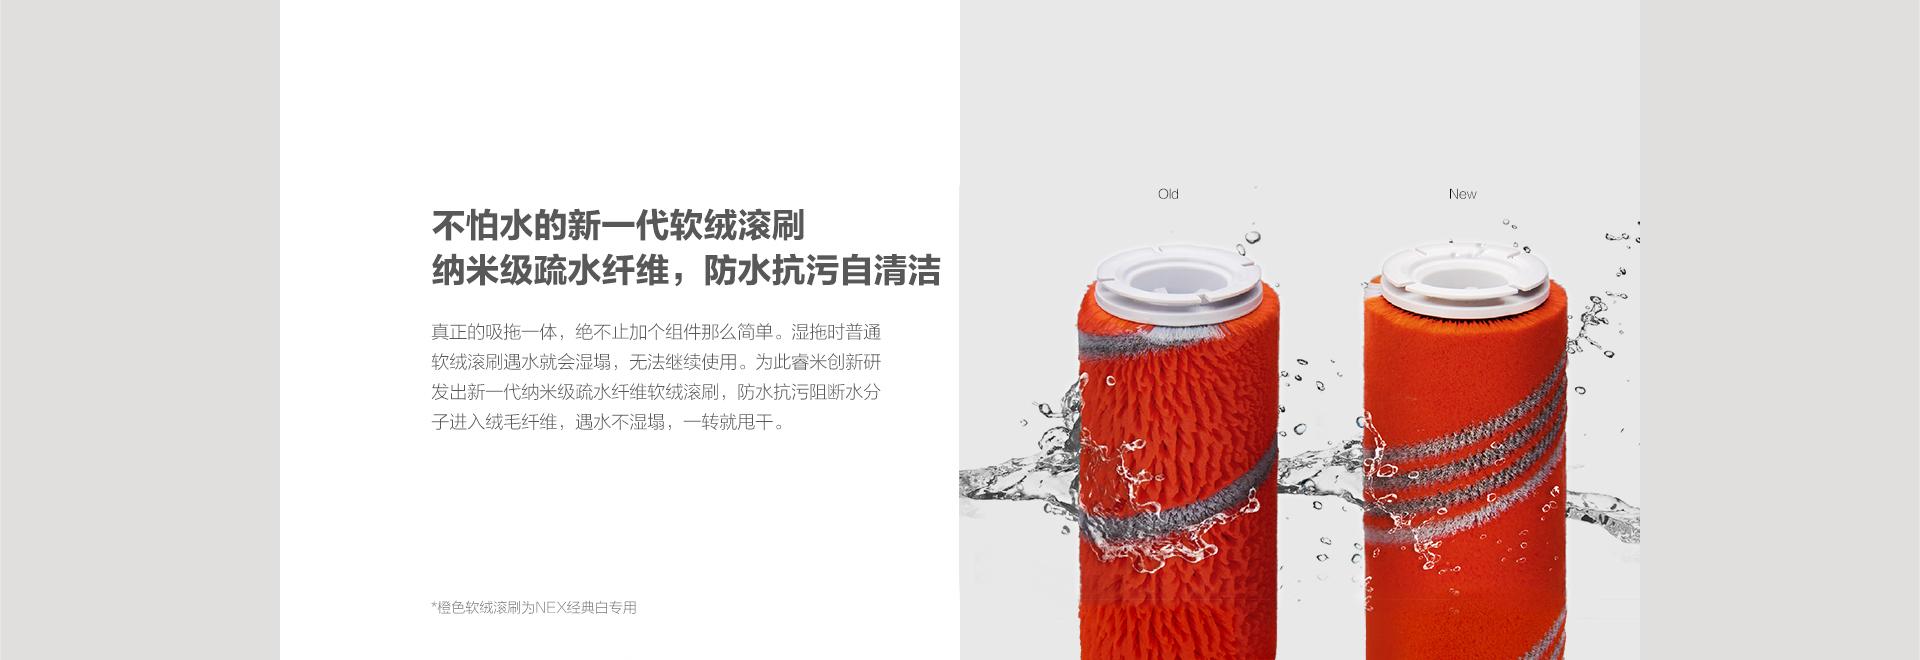 睿米手持无线吸尘器NEX采用的是磁吸式湿拖组件,一秒装卸,即拖即用毫无负担,拆卸时所占用储存空间非常的小。